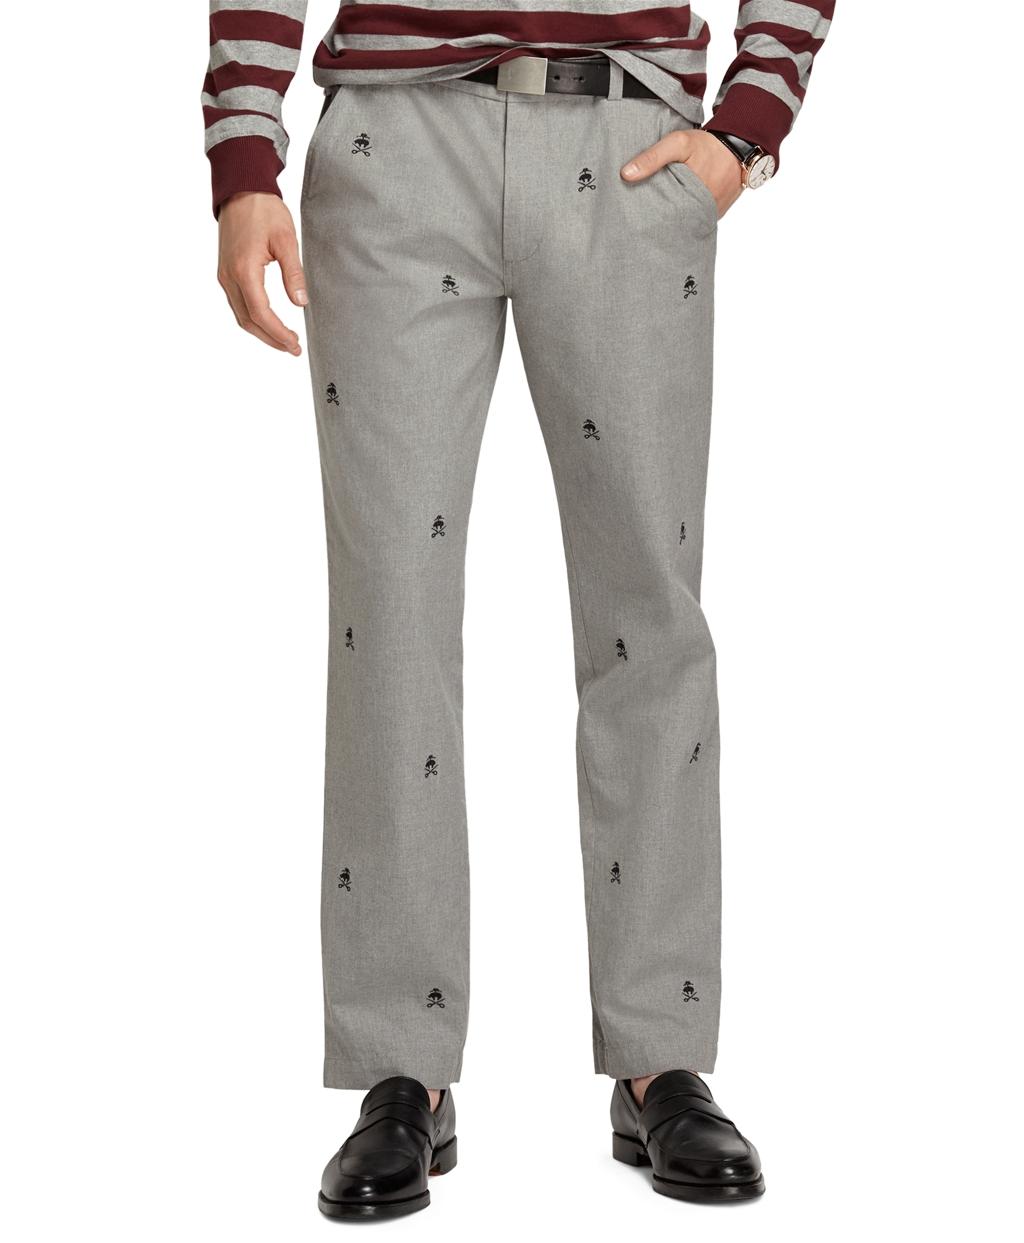 Brooks Brothers Capri/Cropped Pants Khaki